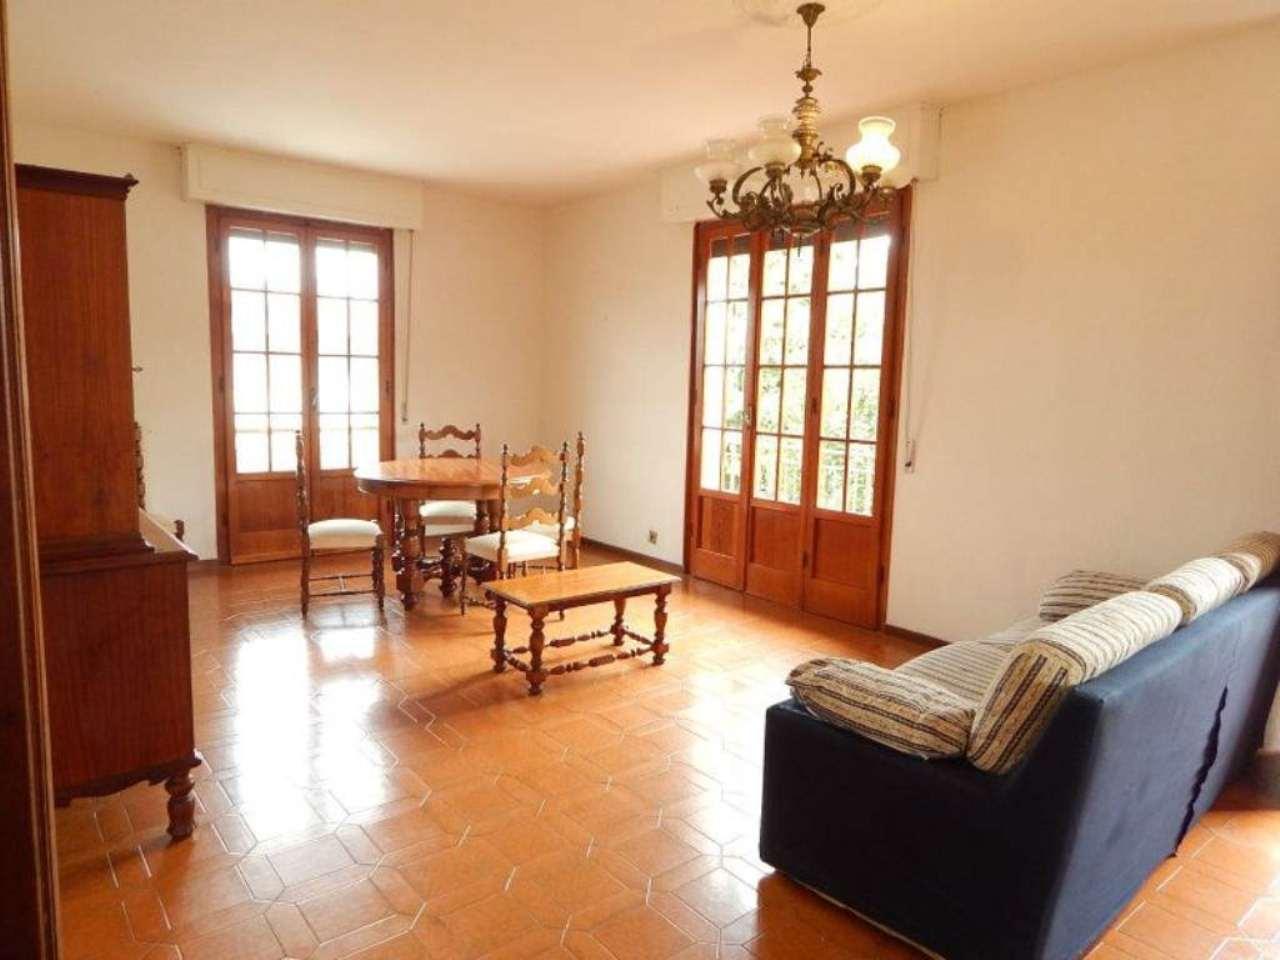 Soluzione Indipendente in affitto a Pisa, 6 locali, prezzo € 900   Cambio Casa.it